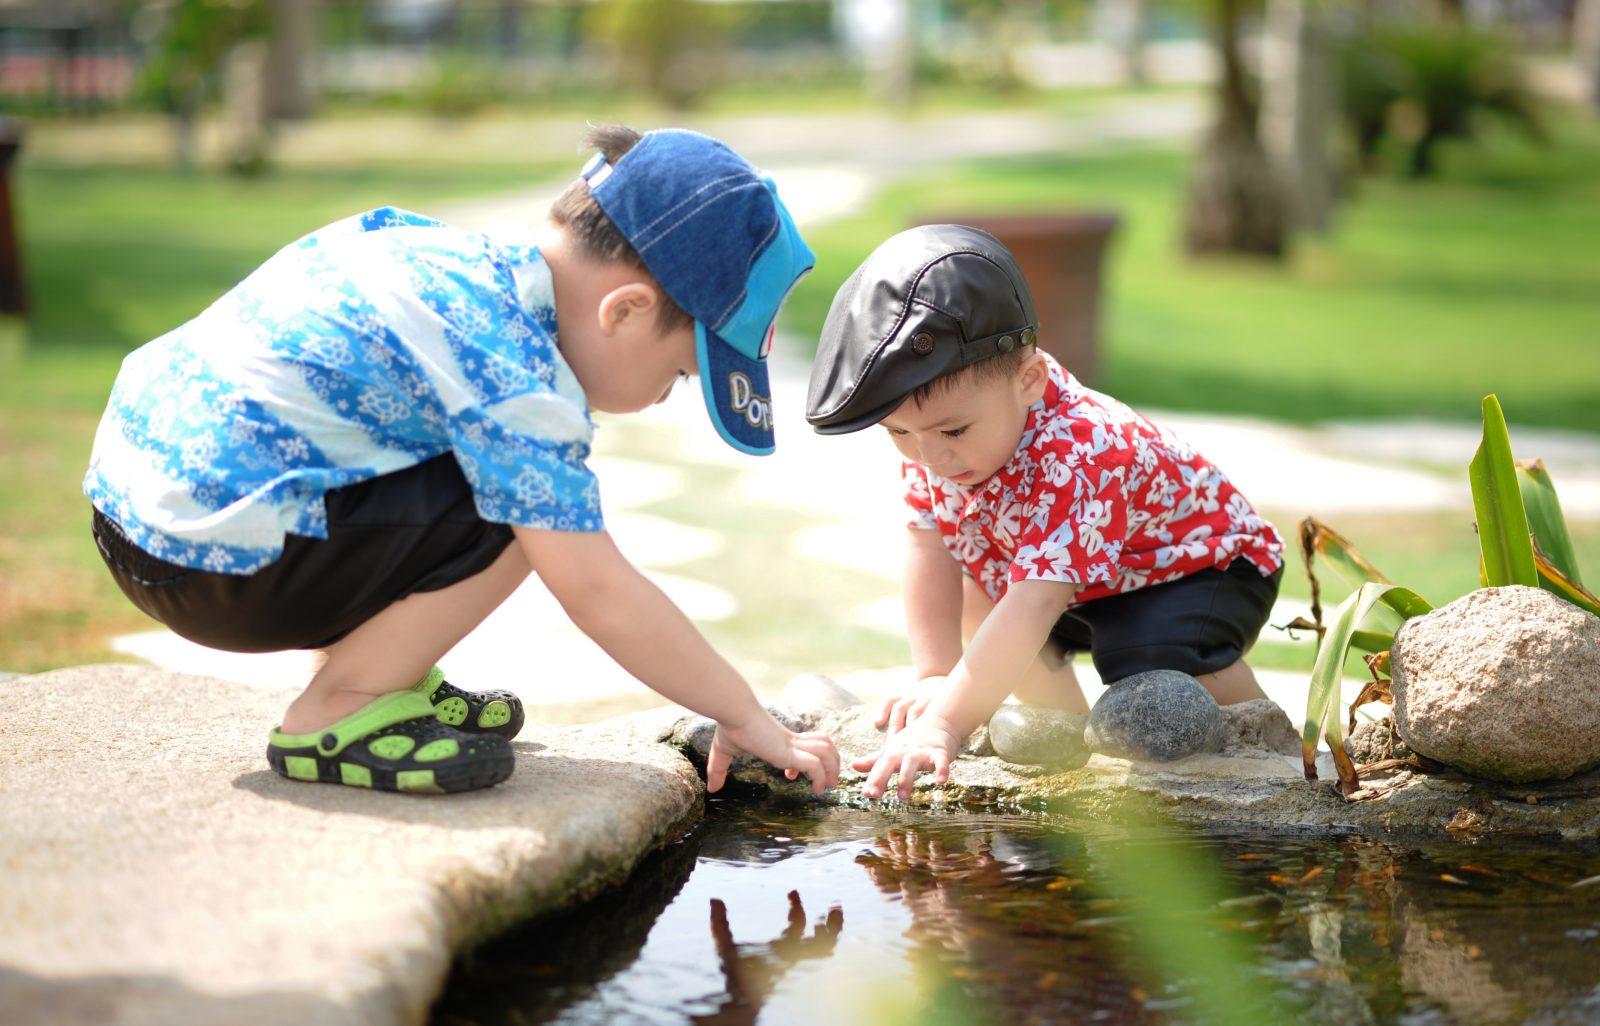 persoonlijk leiderschap 2 jongens hurkend bij een plas water